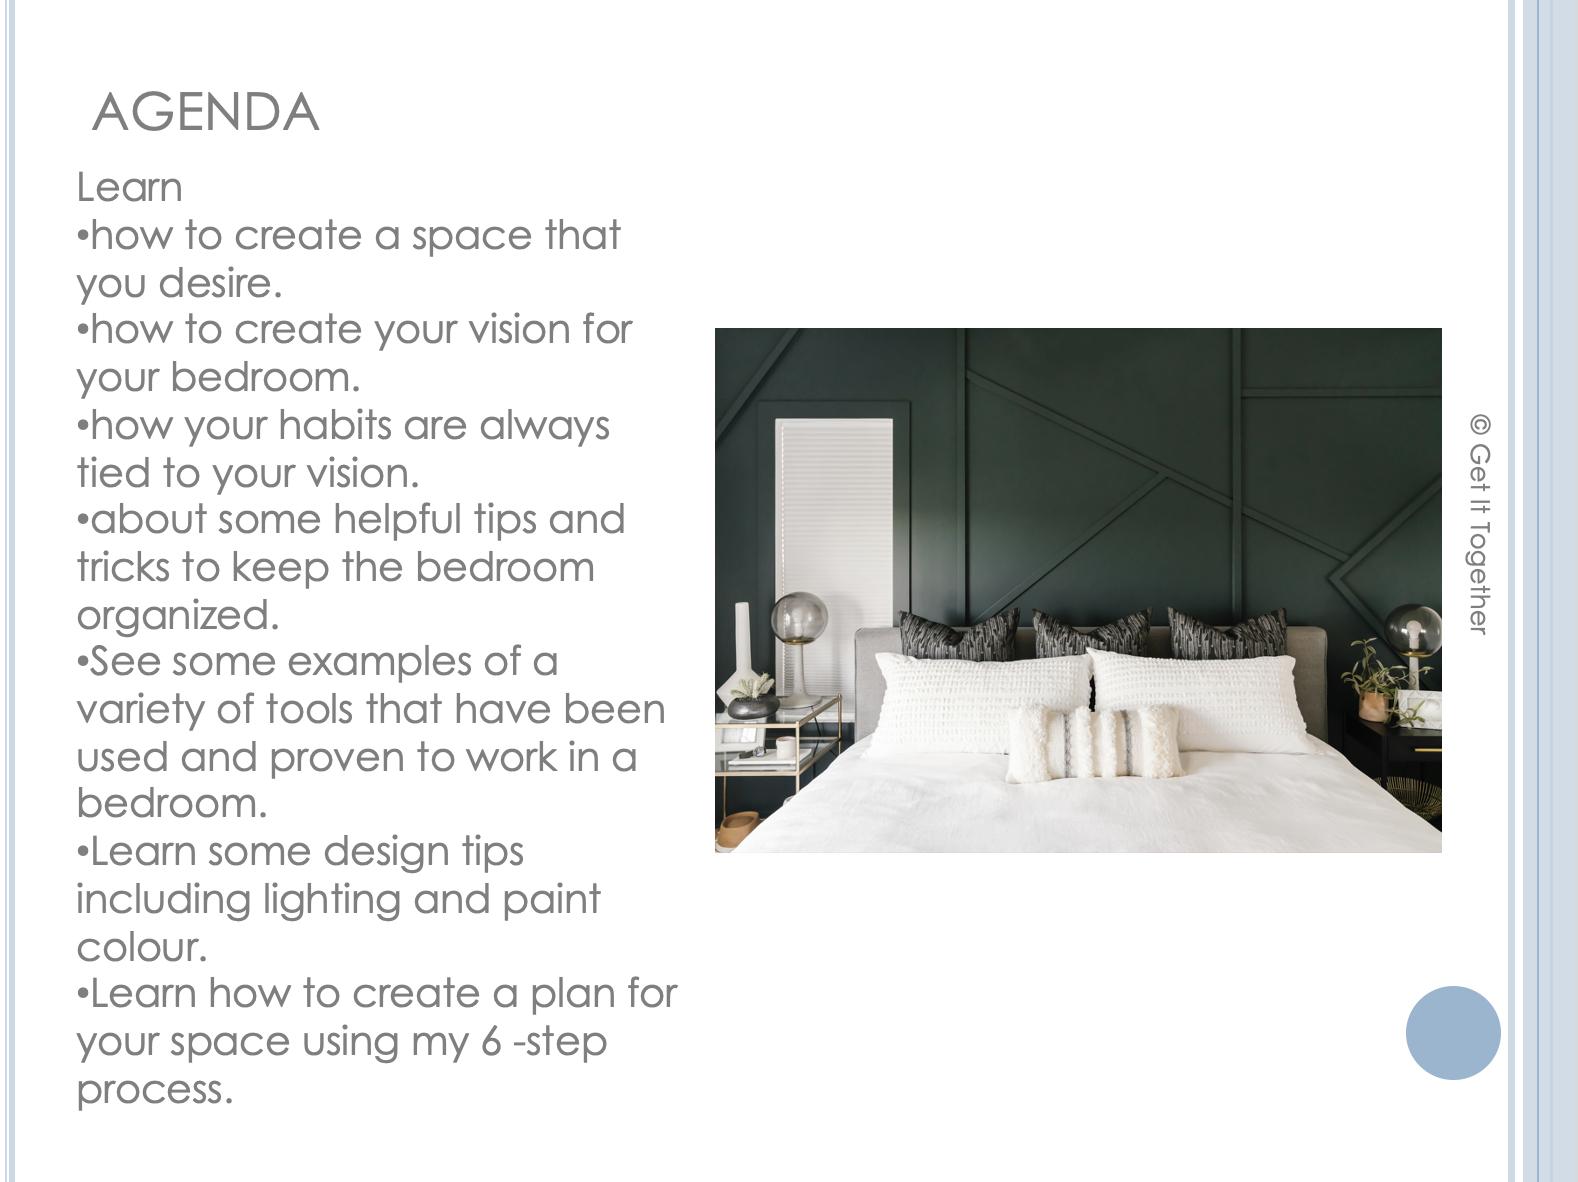 Bedroom Agenda.png